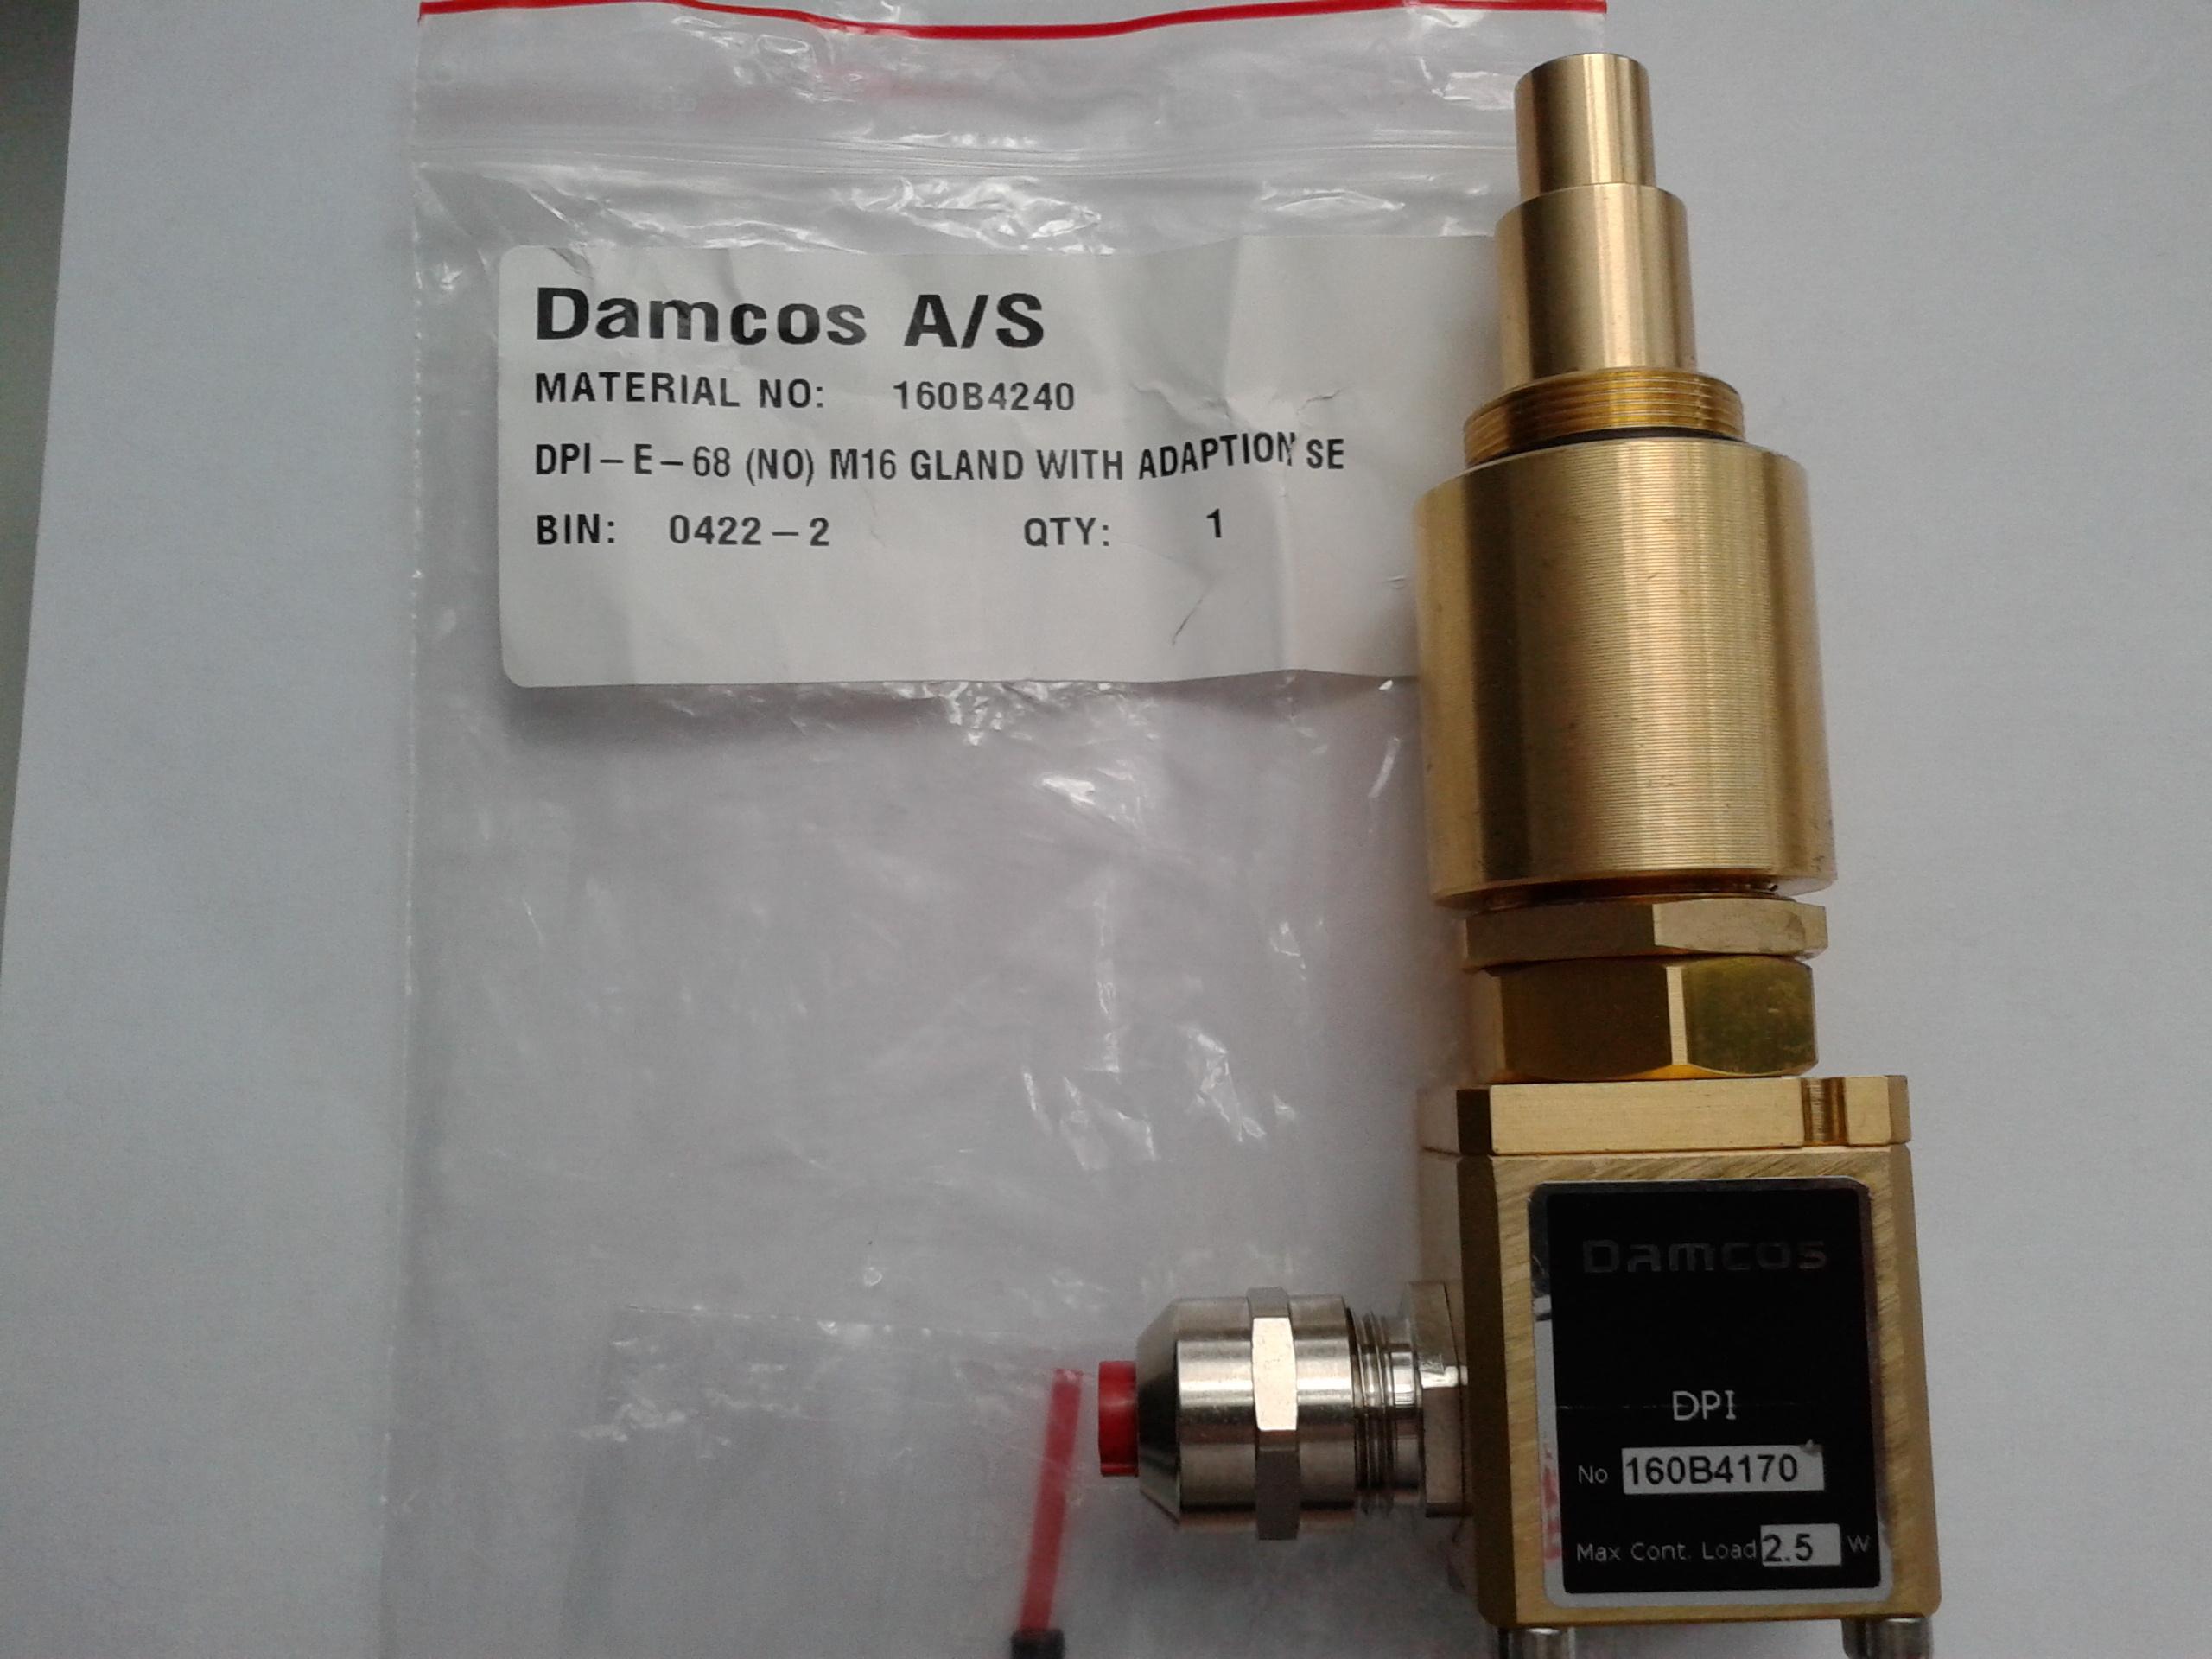 Damcos-160B4240-DPI-E-68-160B4170-